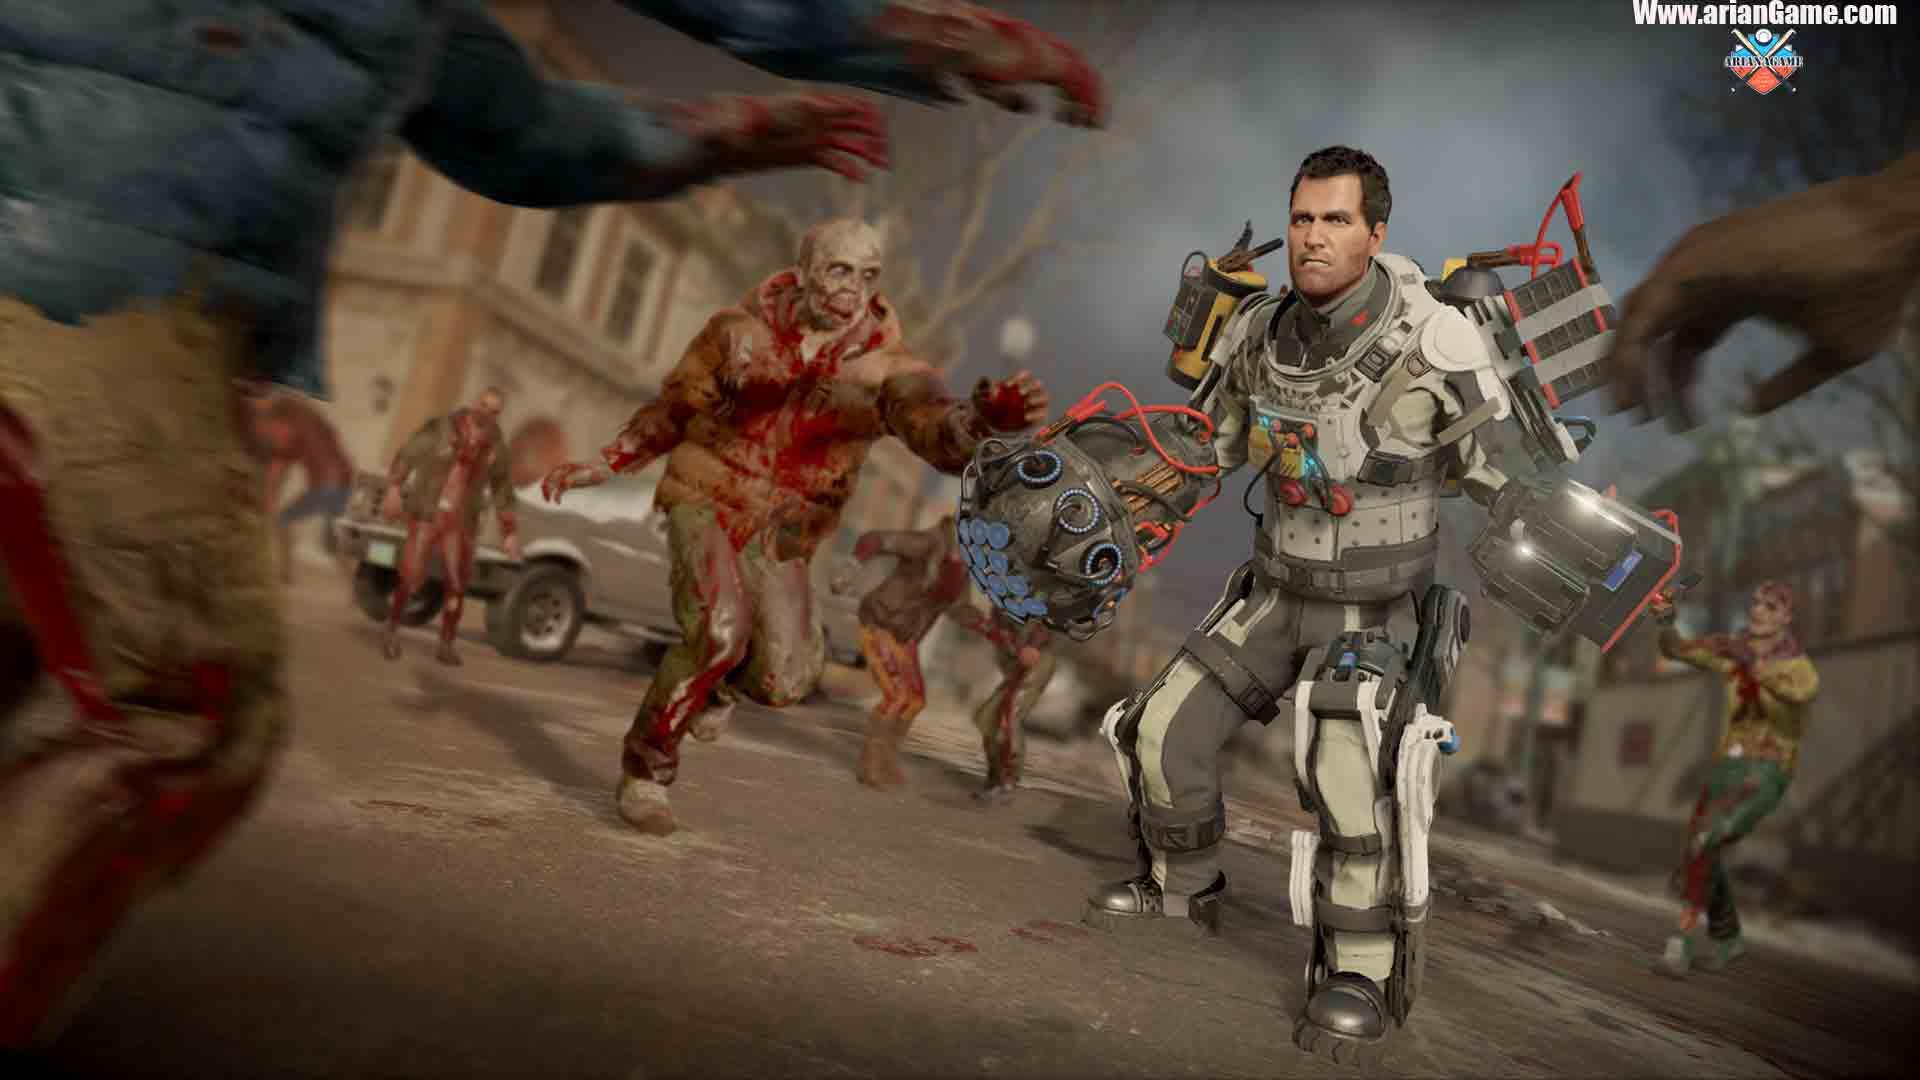 خرید بازی Dead Rising 4 برای کامپیوتر